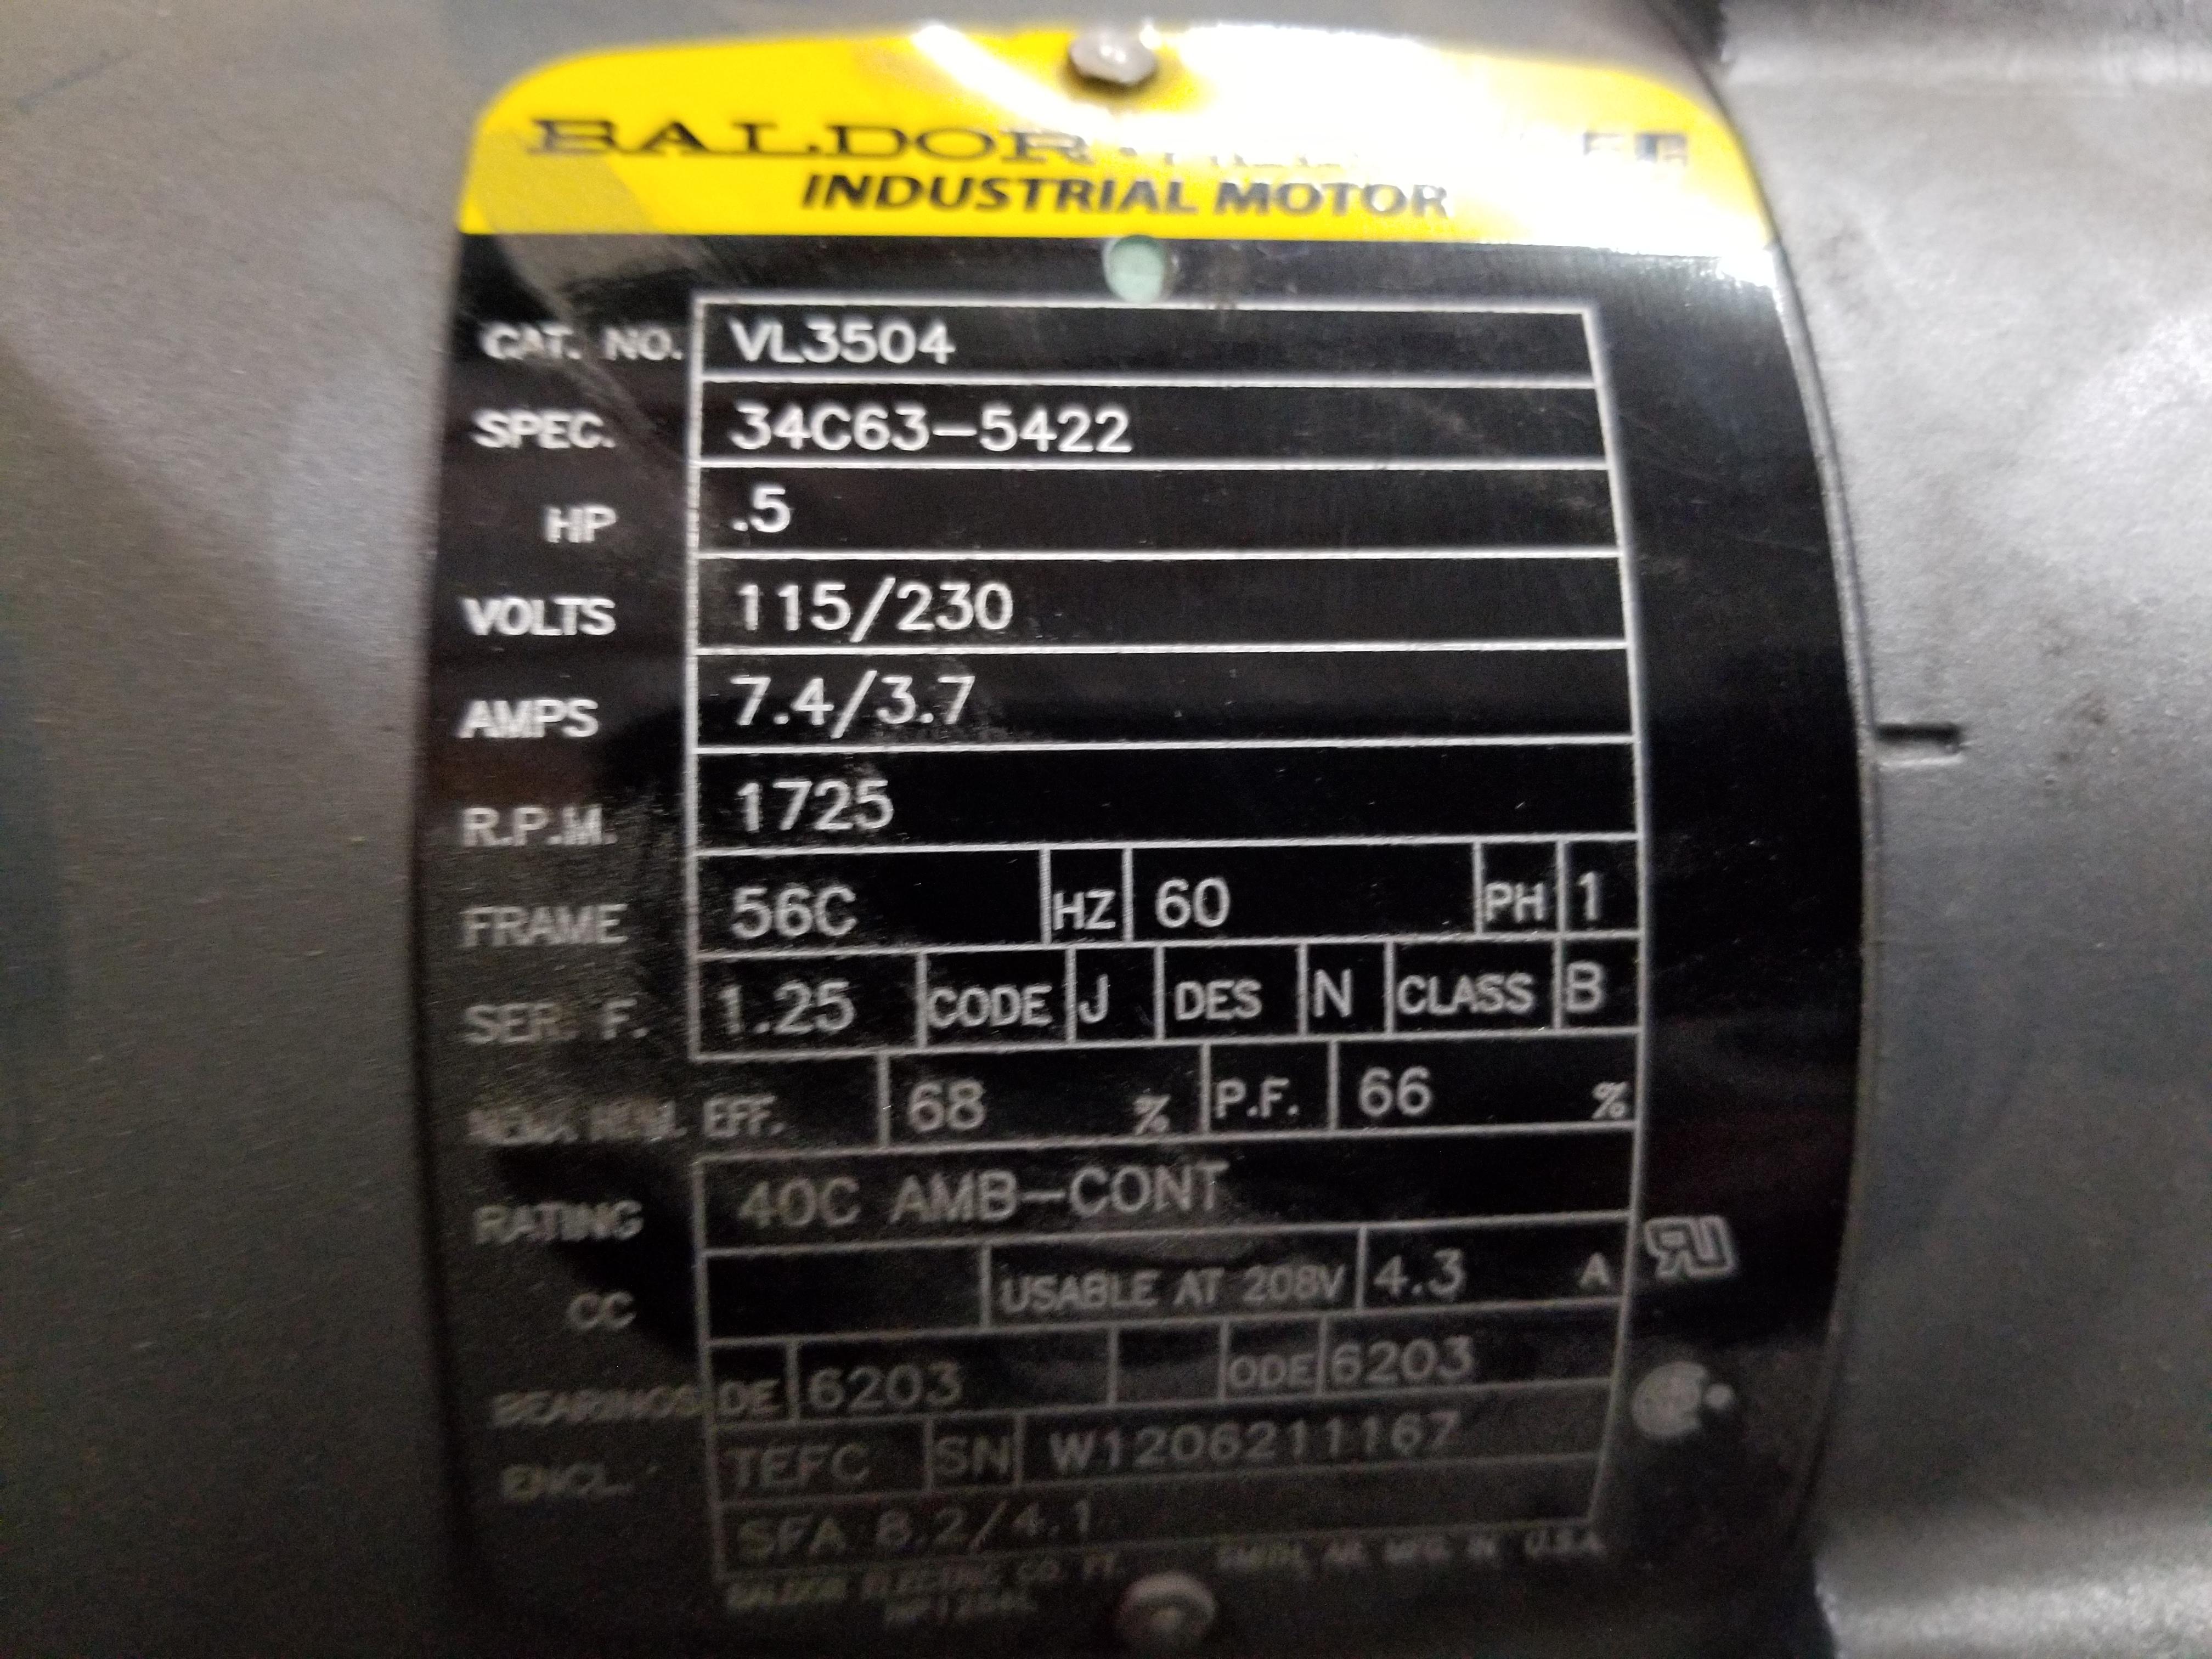 Lot 20 - BALDOR RELIANCE INDUSTRIAL MOTOR